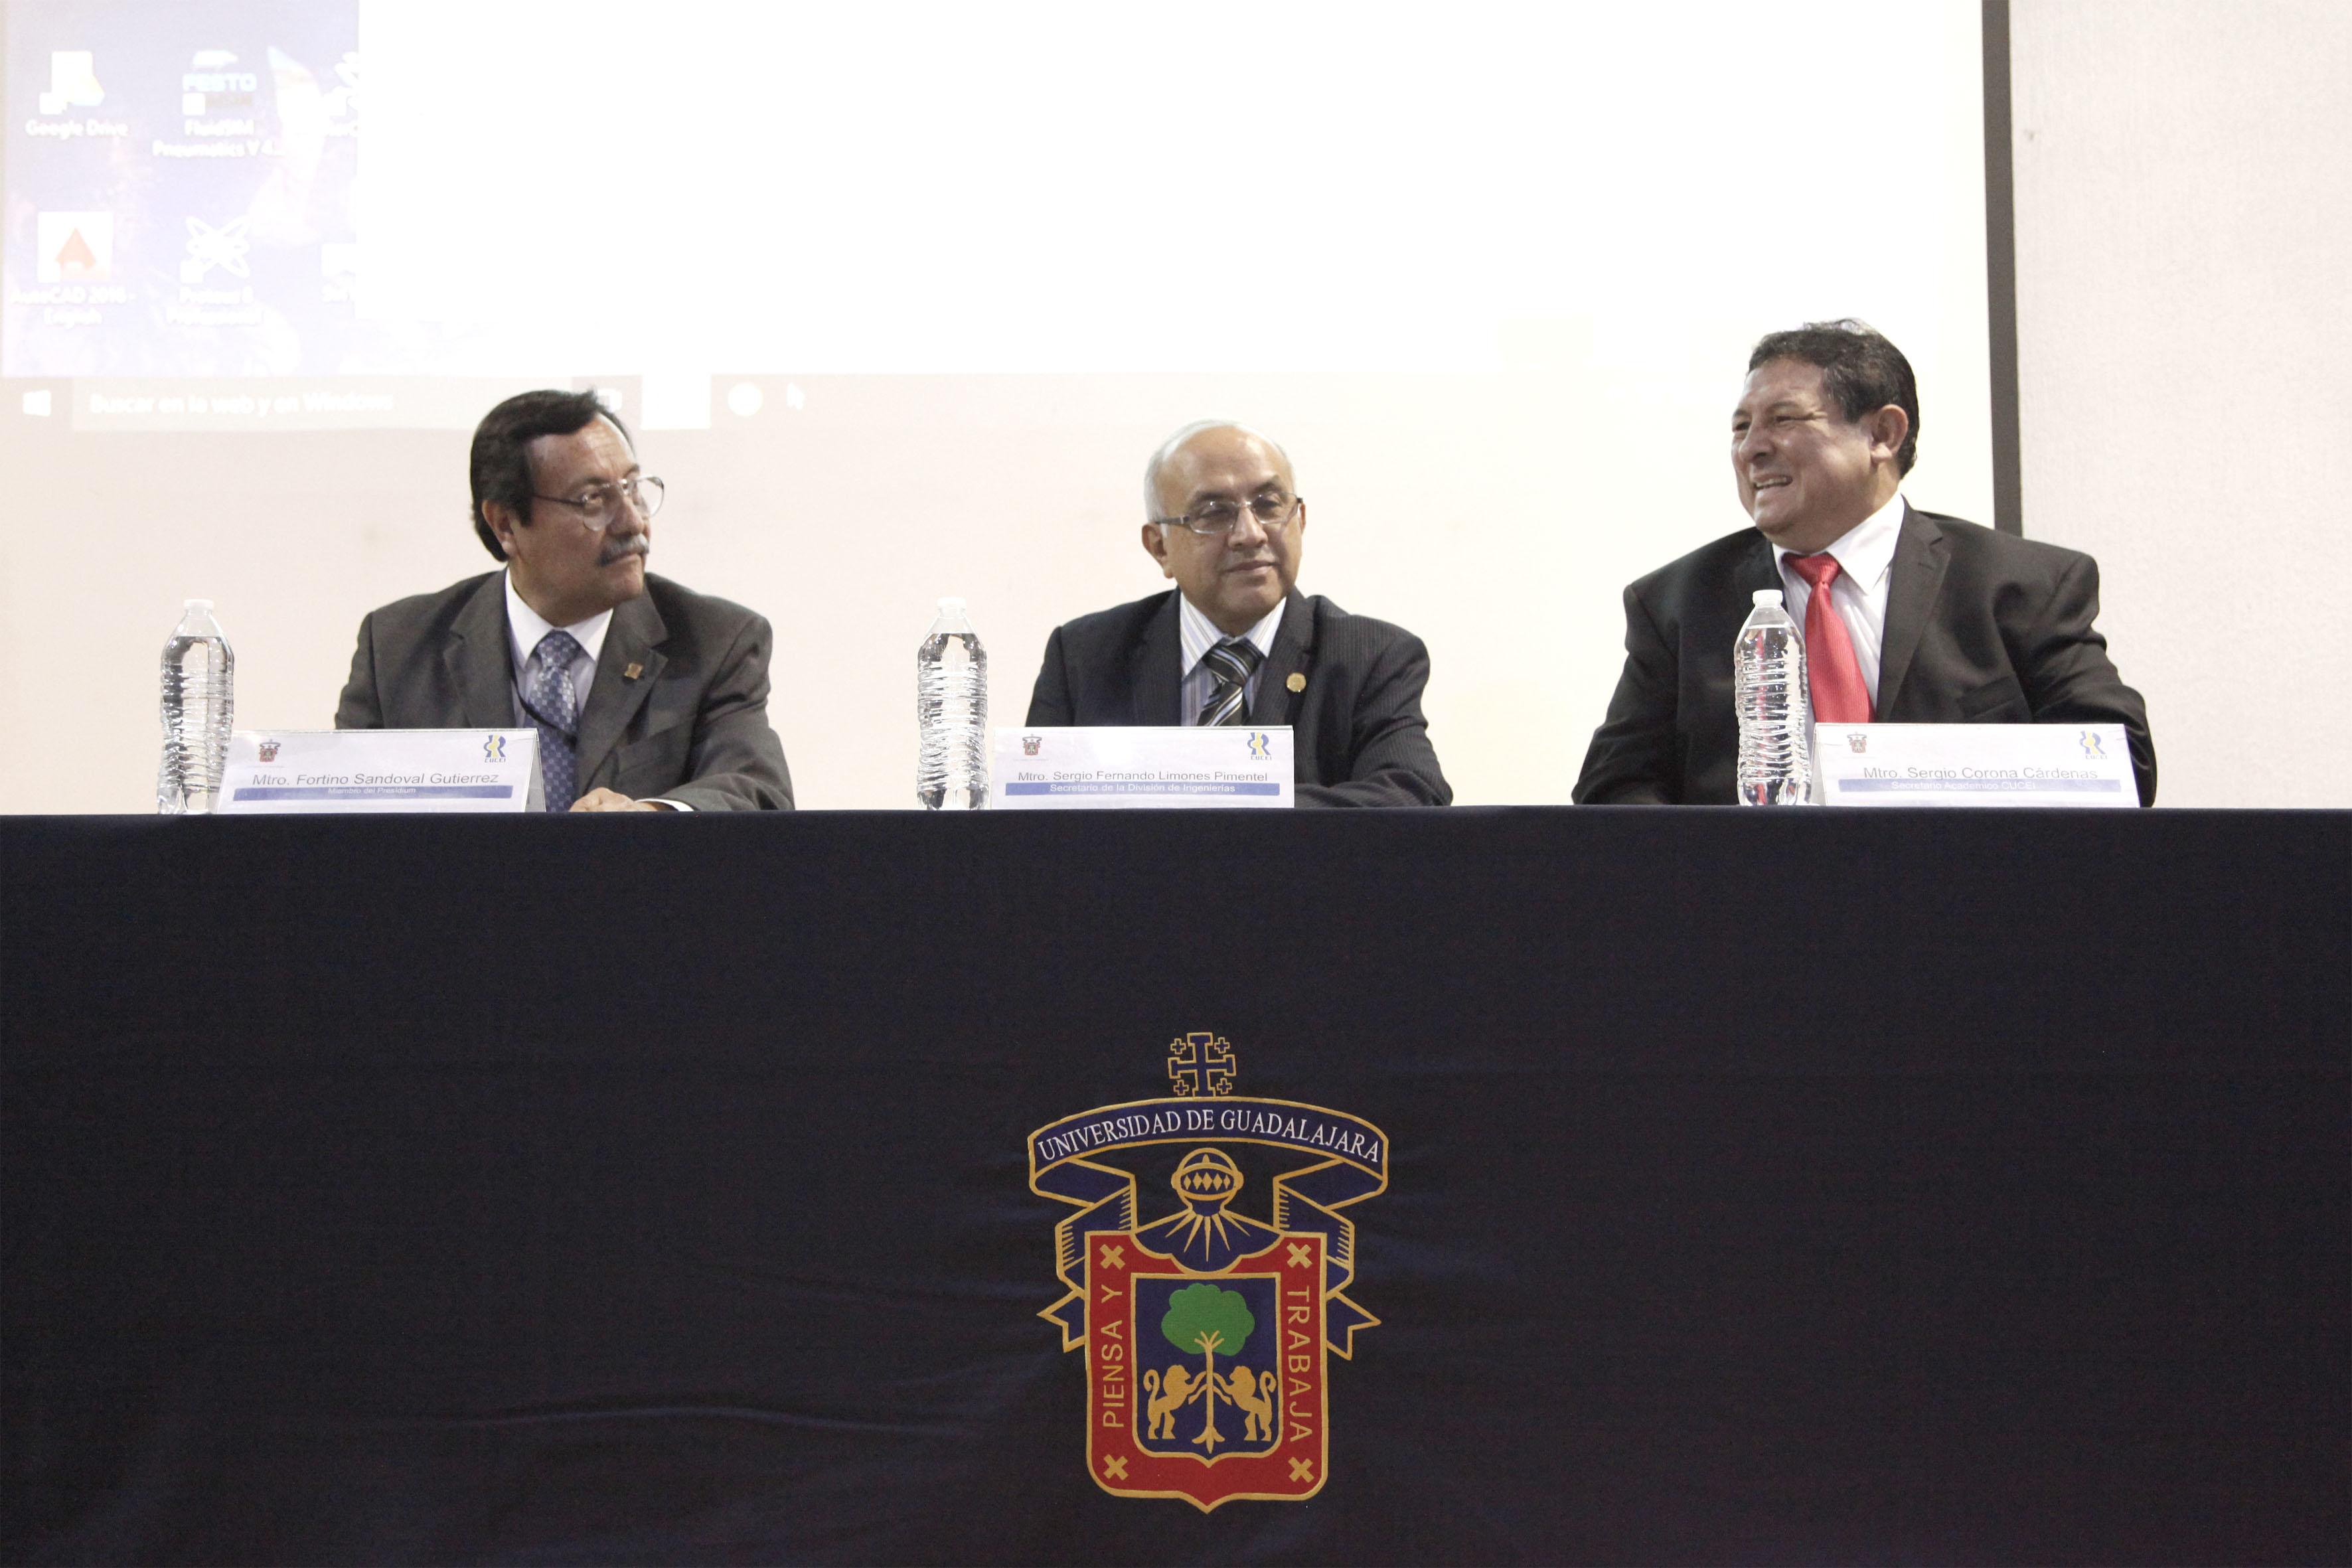 Miembros del presídium, participando en la ceremonia inaugural del XXV Expodime